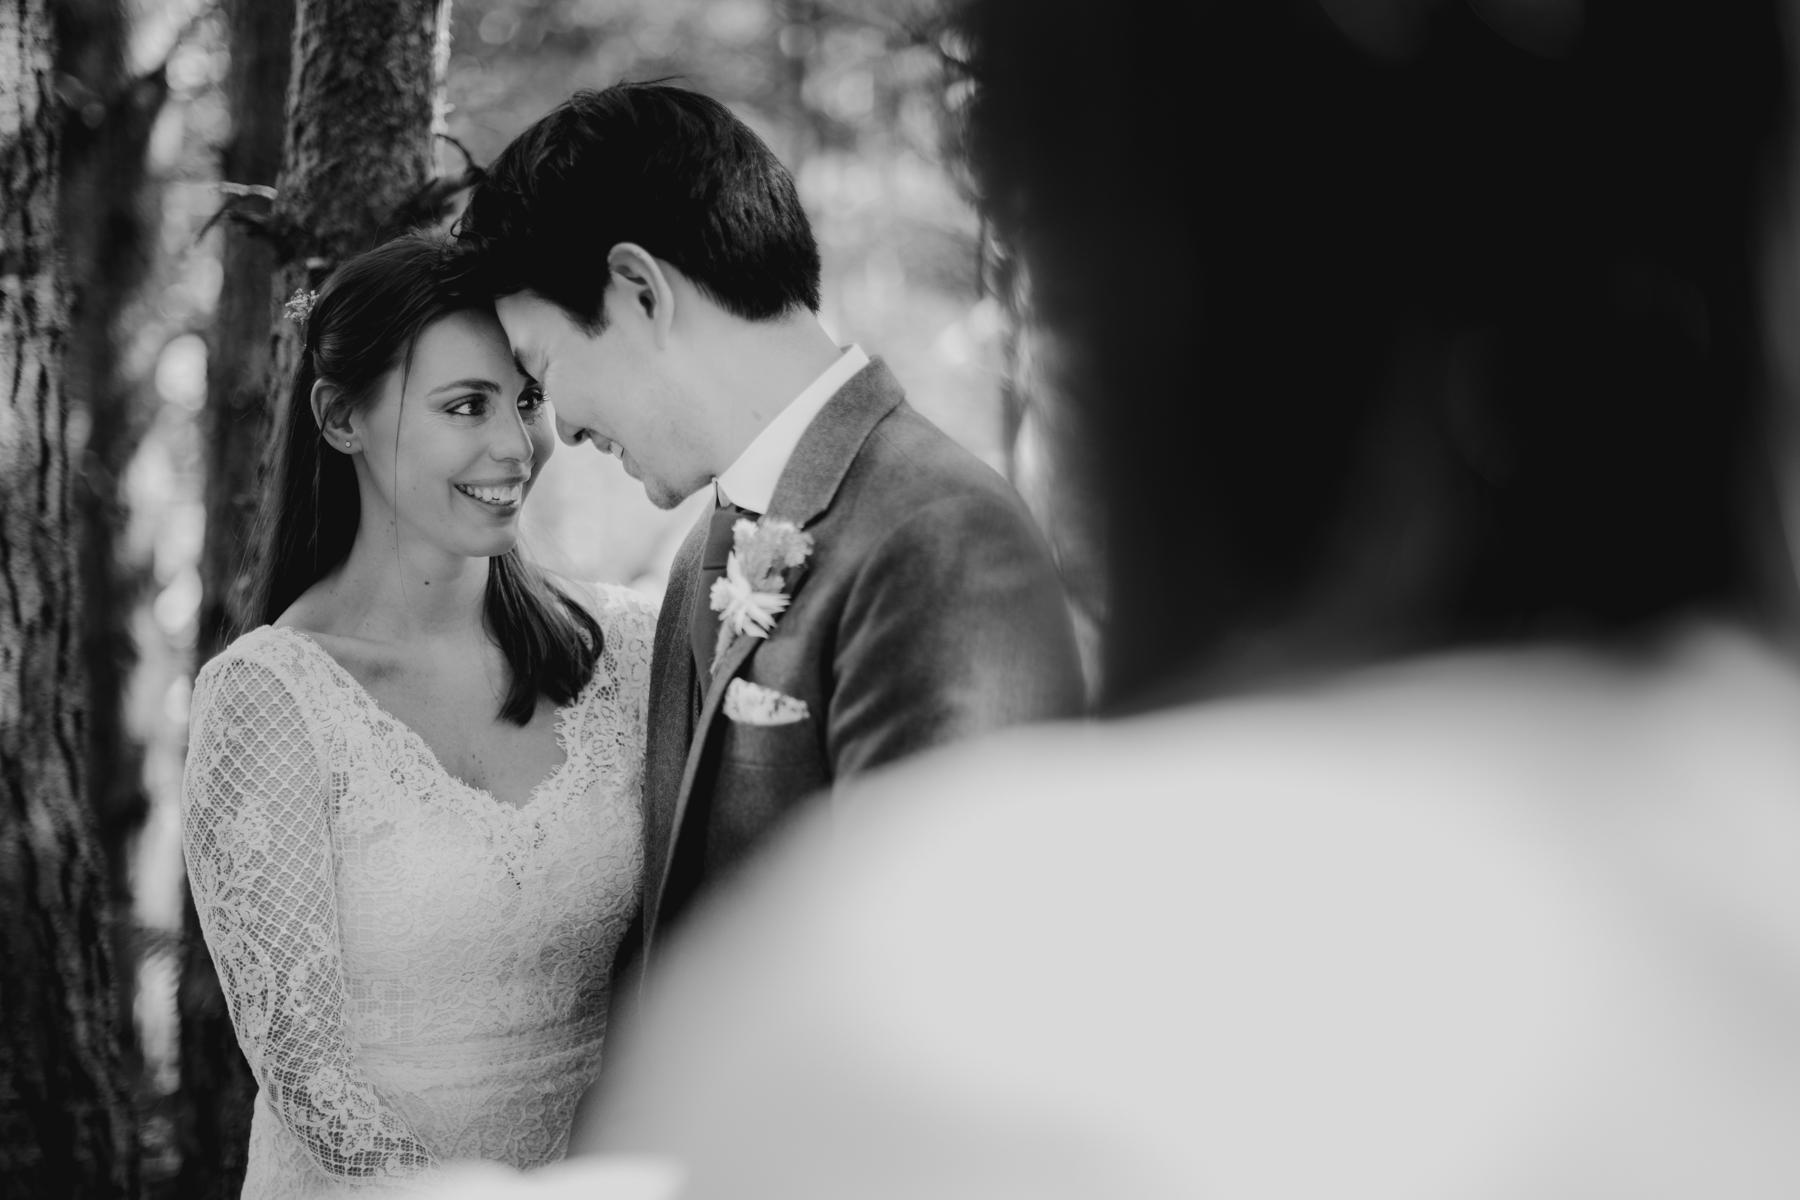 苏格兰户外婚纱摄影| 被当下的浪漫所吸引